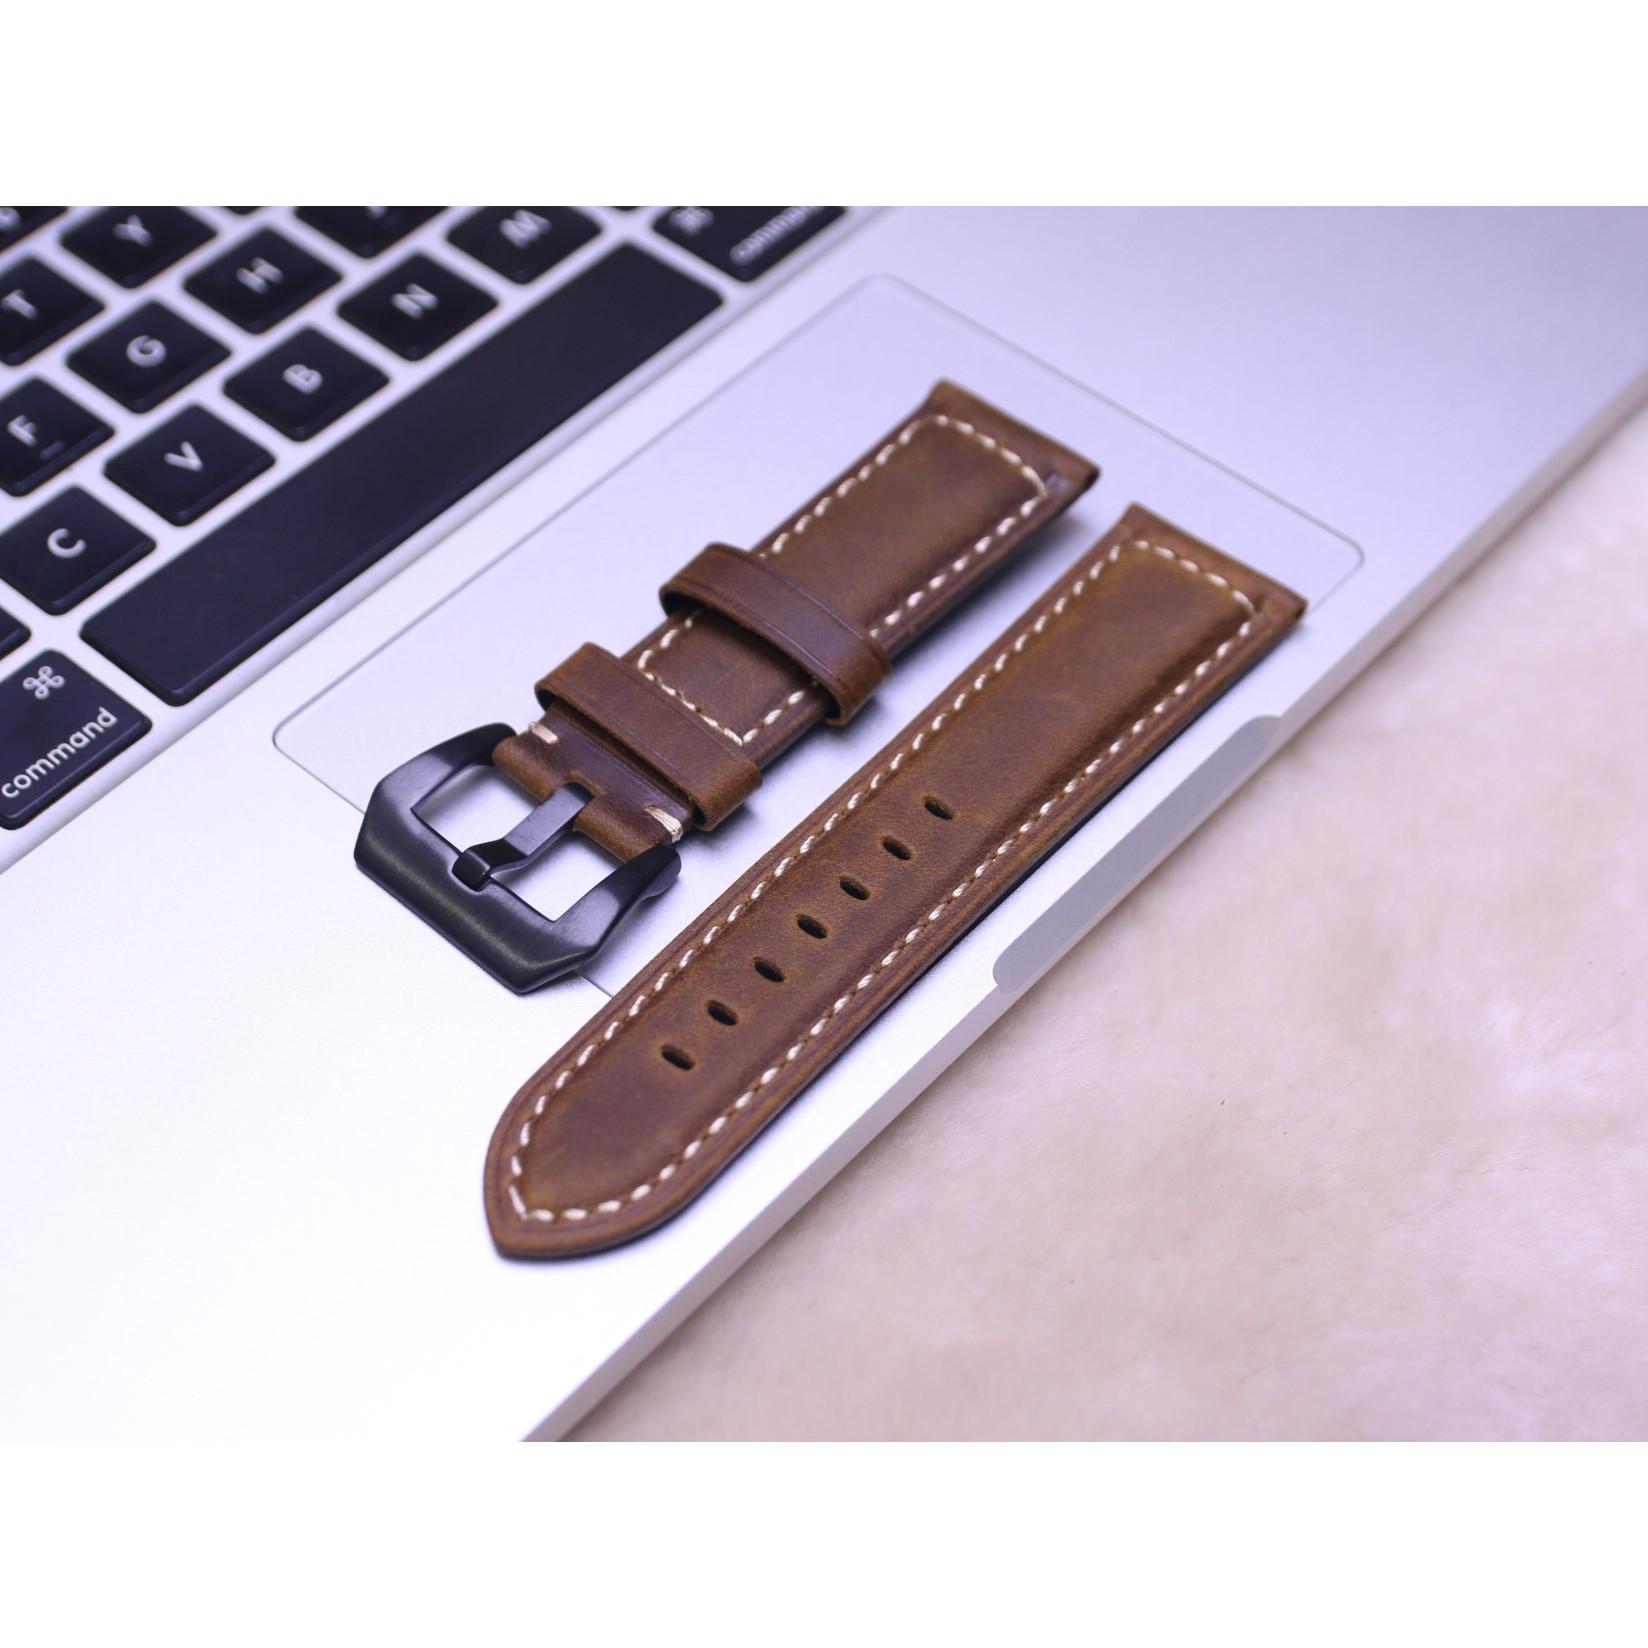 Dây Da Đồng Hồ Da Bò Sáp Vintage, Dây đeo bằng da cổ điển, Lựa chọn màu sắc và chiều rộng 20mm / 22mm / 24mm / 26mm ( Apple 1,2,3,4,5,6 - Đồng Hồ cổ Điển - Các Loại Swatch )